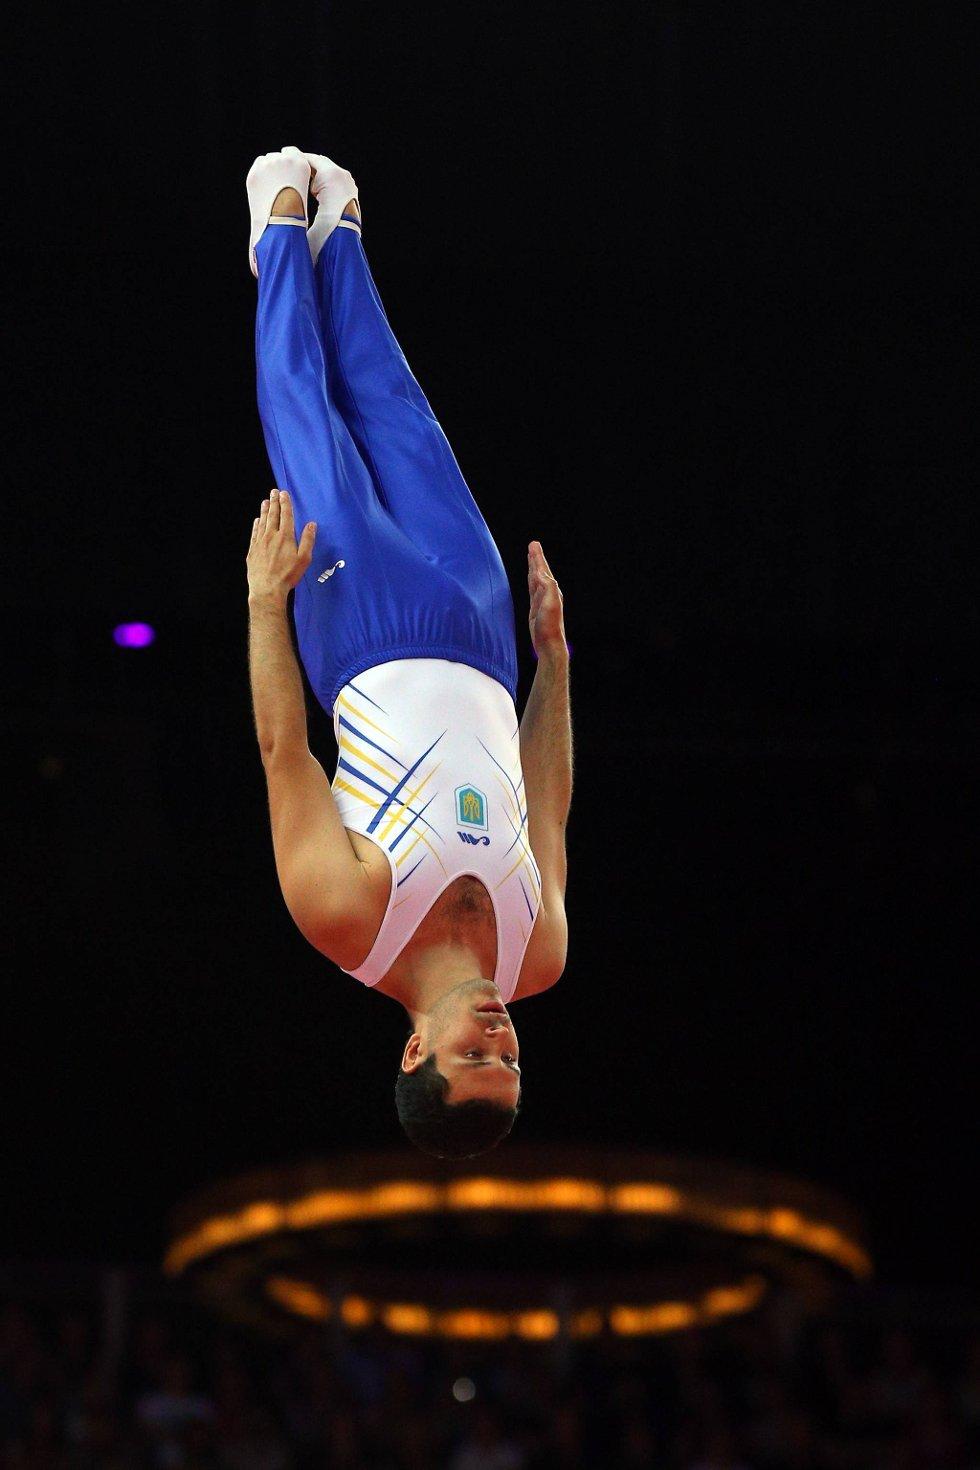 Treffer han ringen mon tro? Juij Nikitin fra Ukraina i trampoline-aksjon. (Foto: Cameron Spencer, Getty Images/All Over Press/ANB)